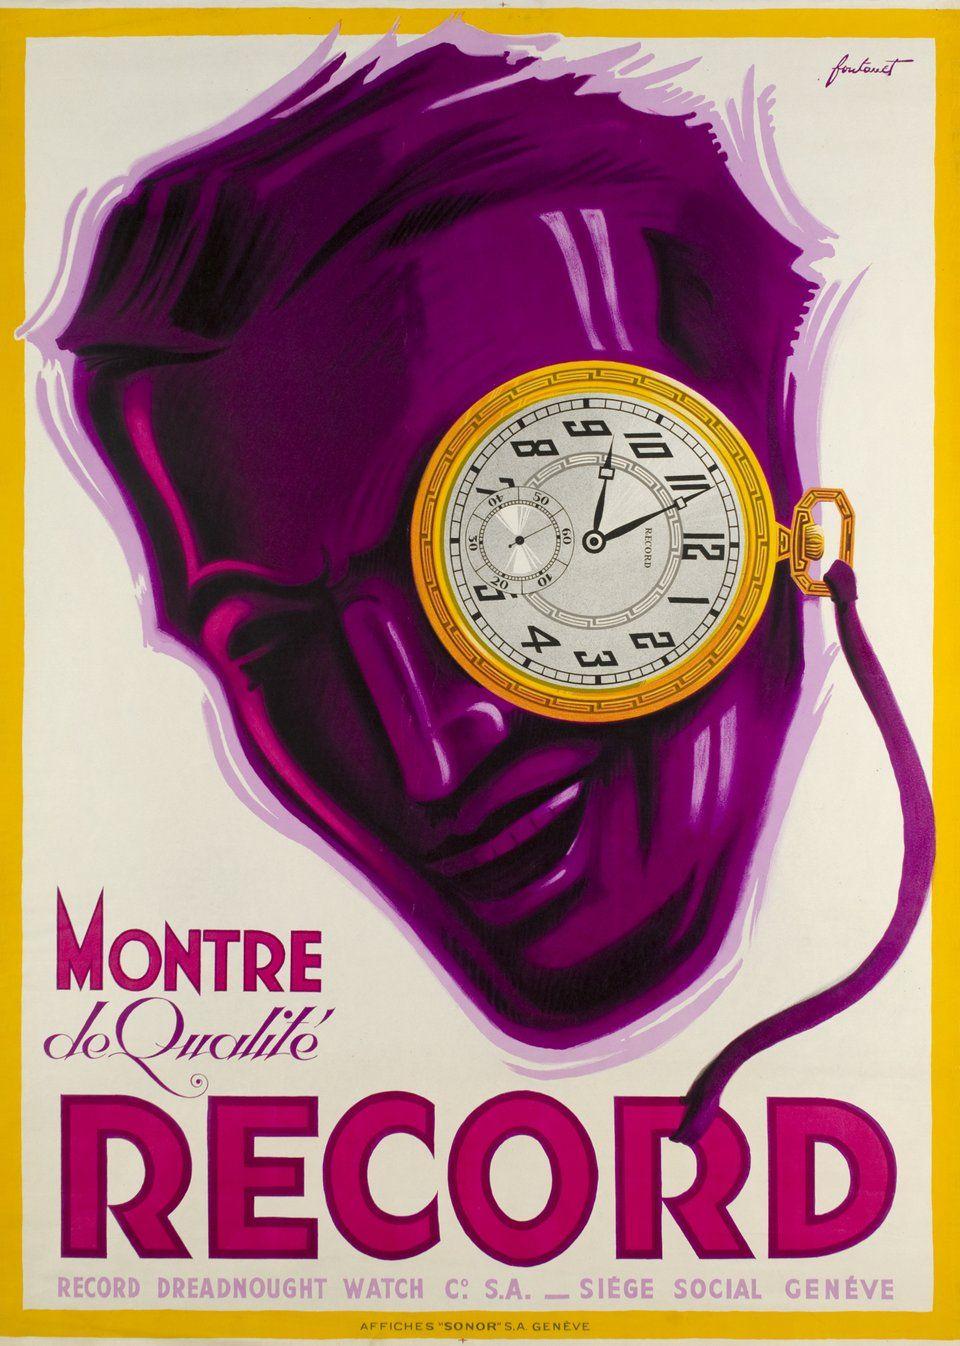 Montre De Qualite Record Noel Fontanet 1933 Vintage Posters Vintage Poster Art Vintage